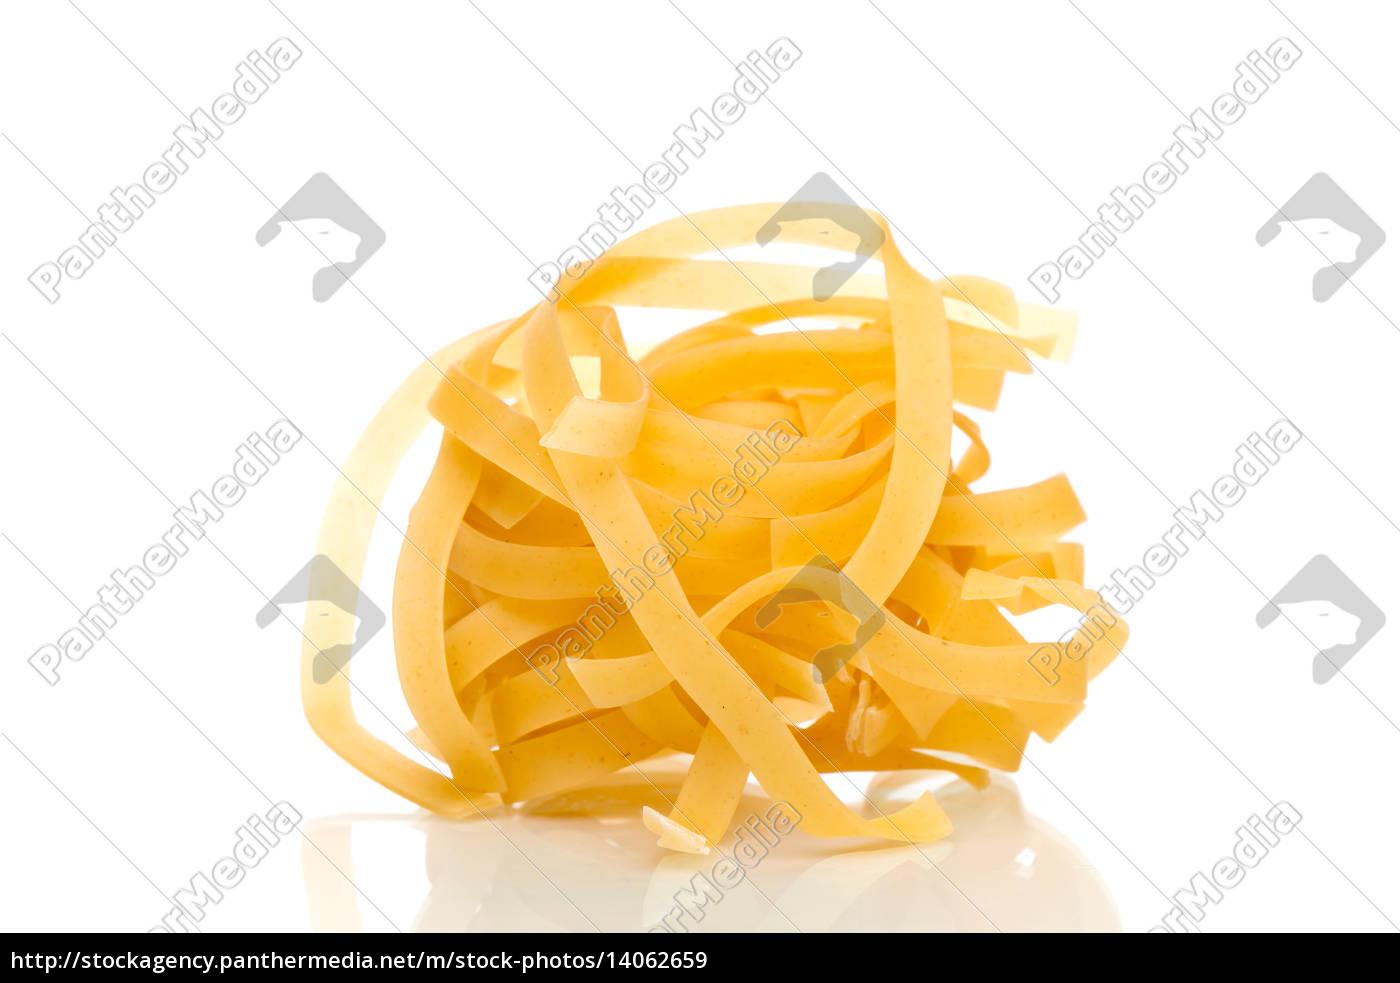 noodle, nest, pasta - 14062659